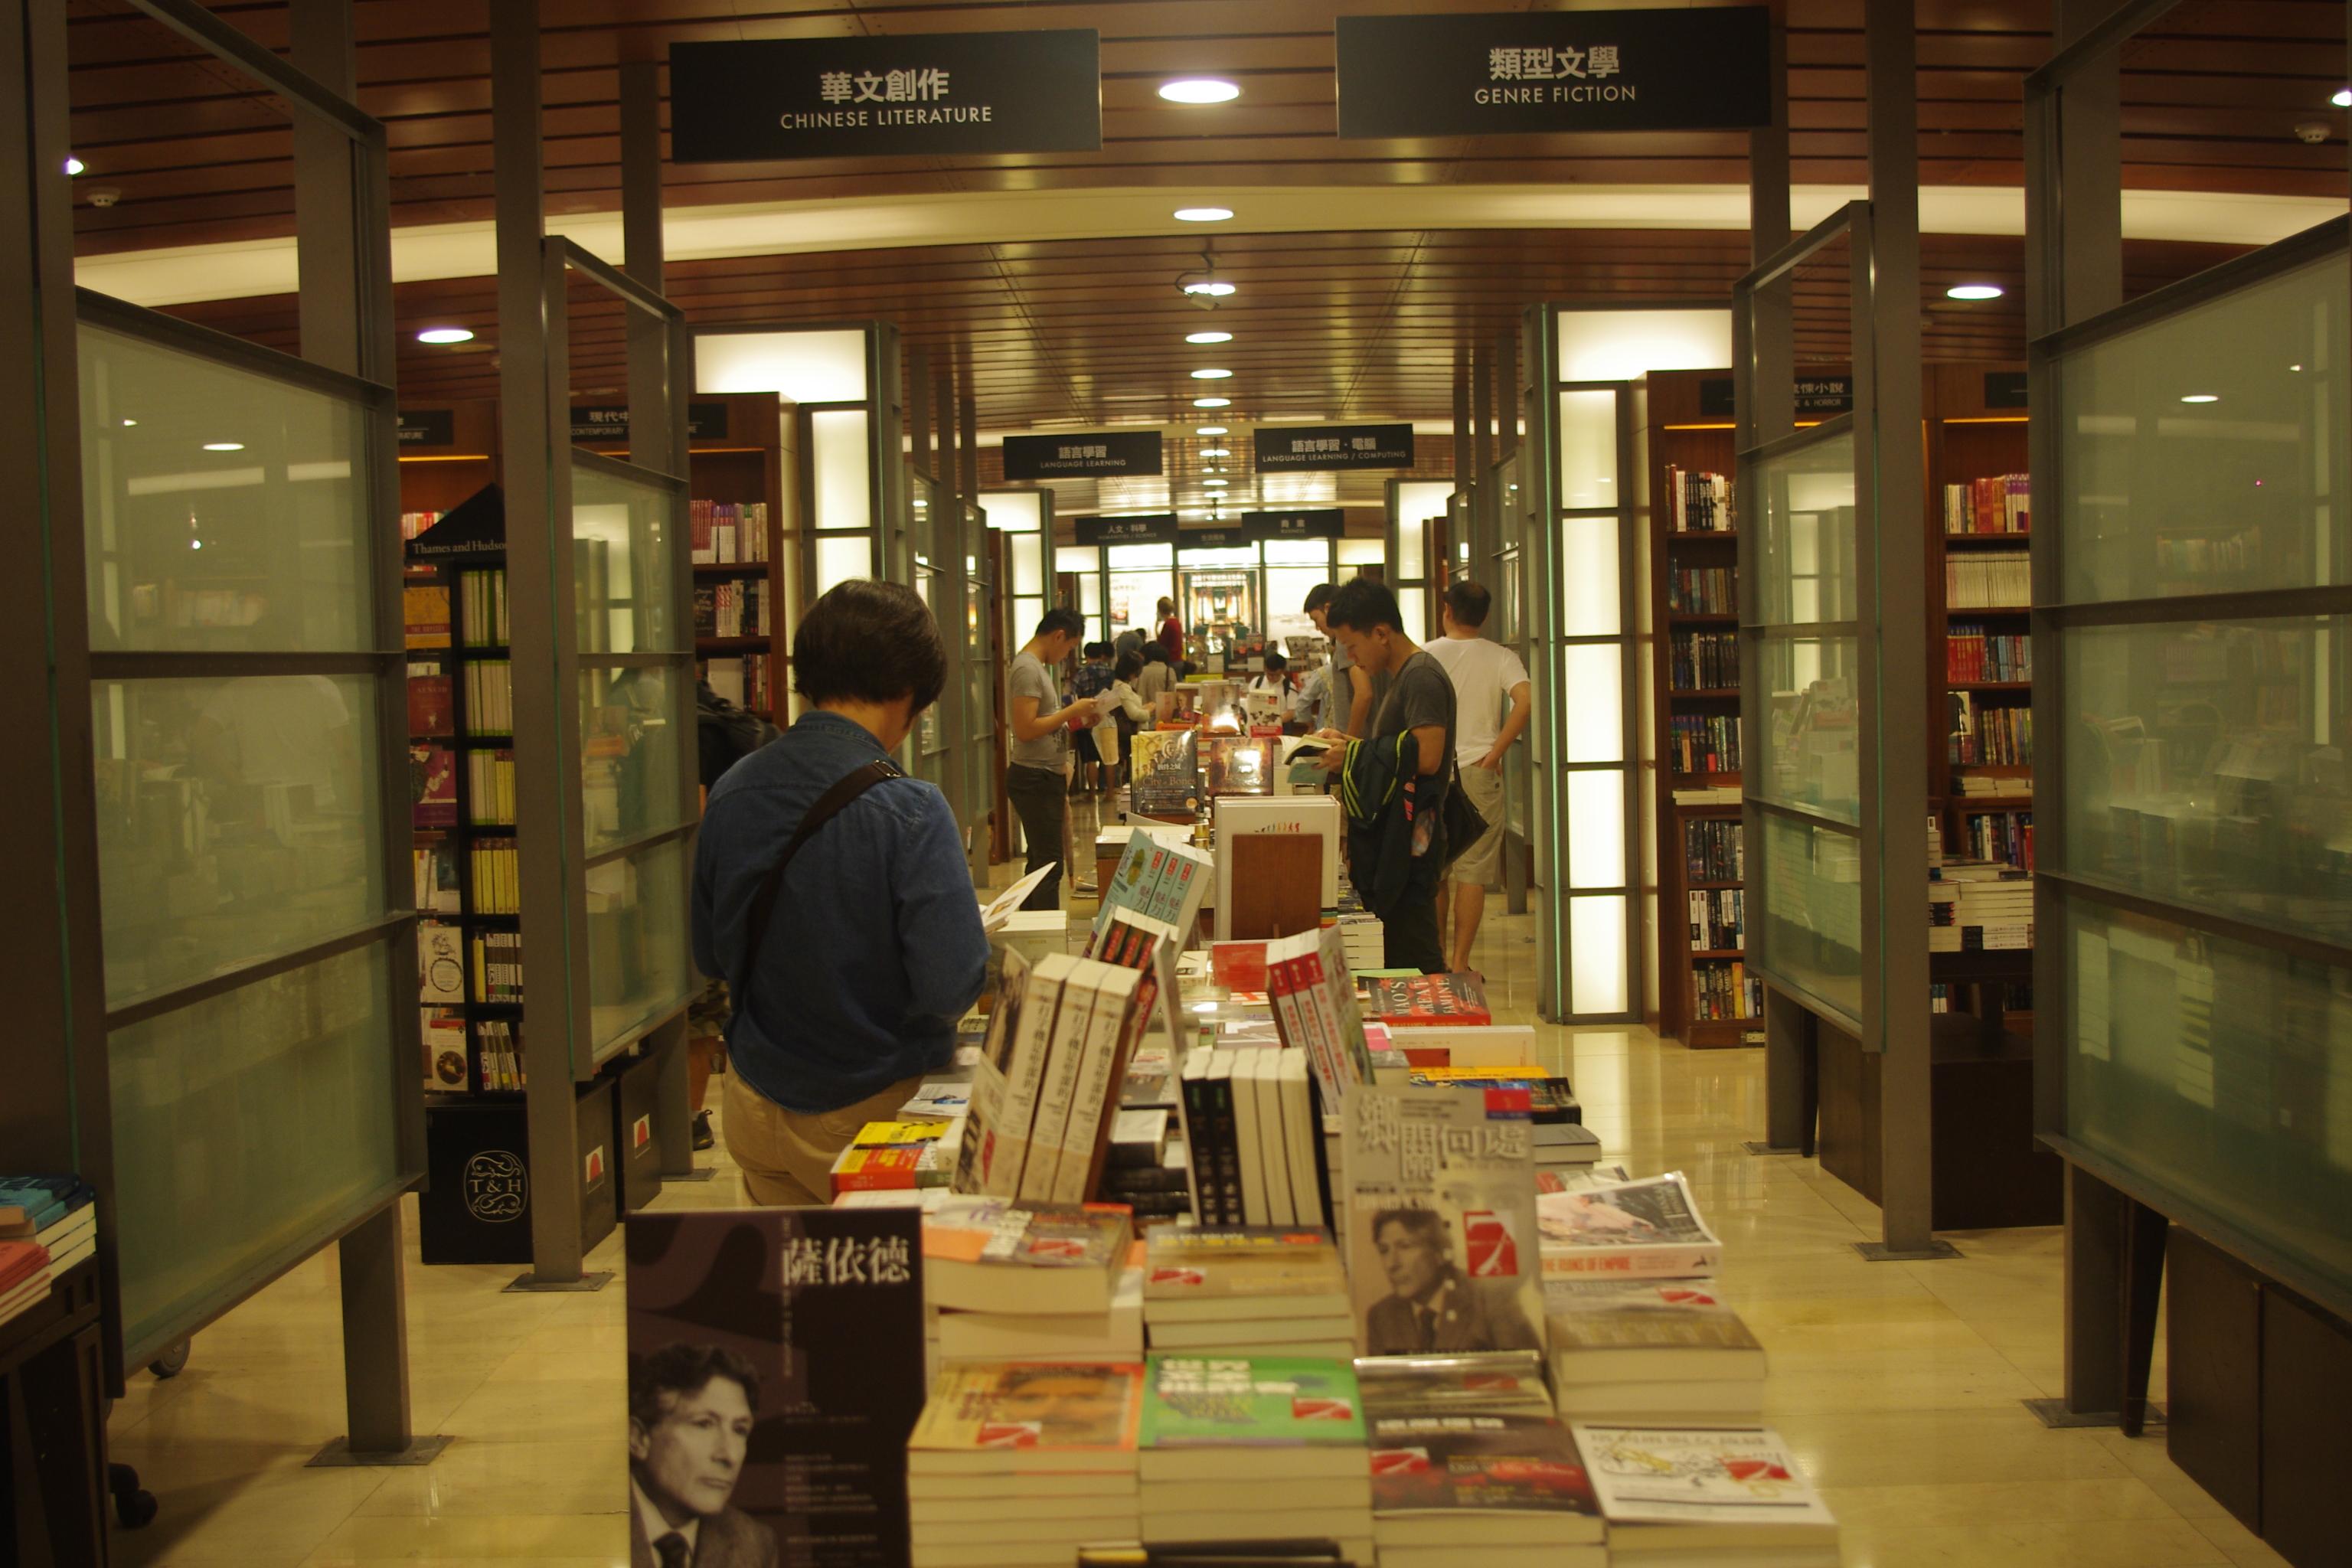 台湾店铺装修风格